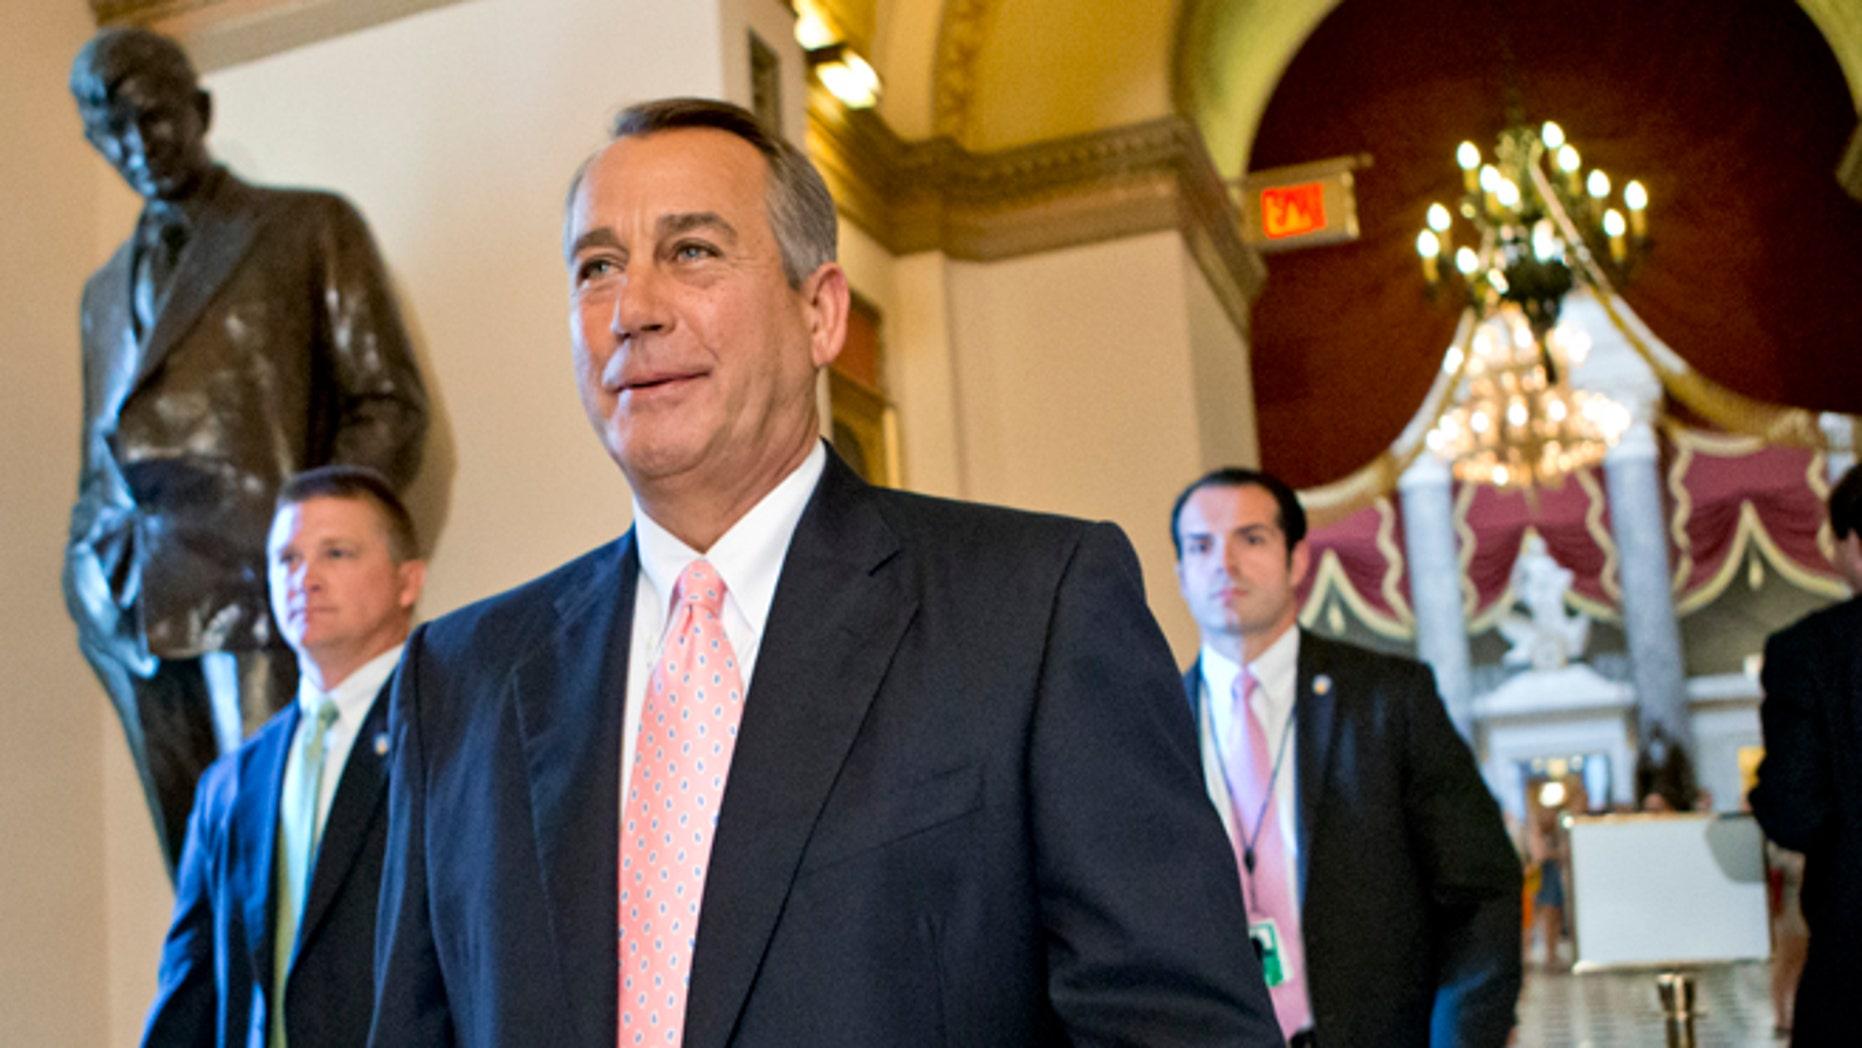 FILE: July 19, 2013: House Speaker John Boehner walks to the chamber floor on Capitol Hill, in Washington, D.C.